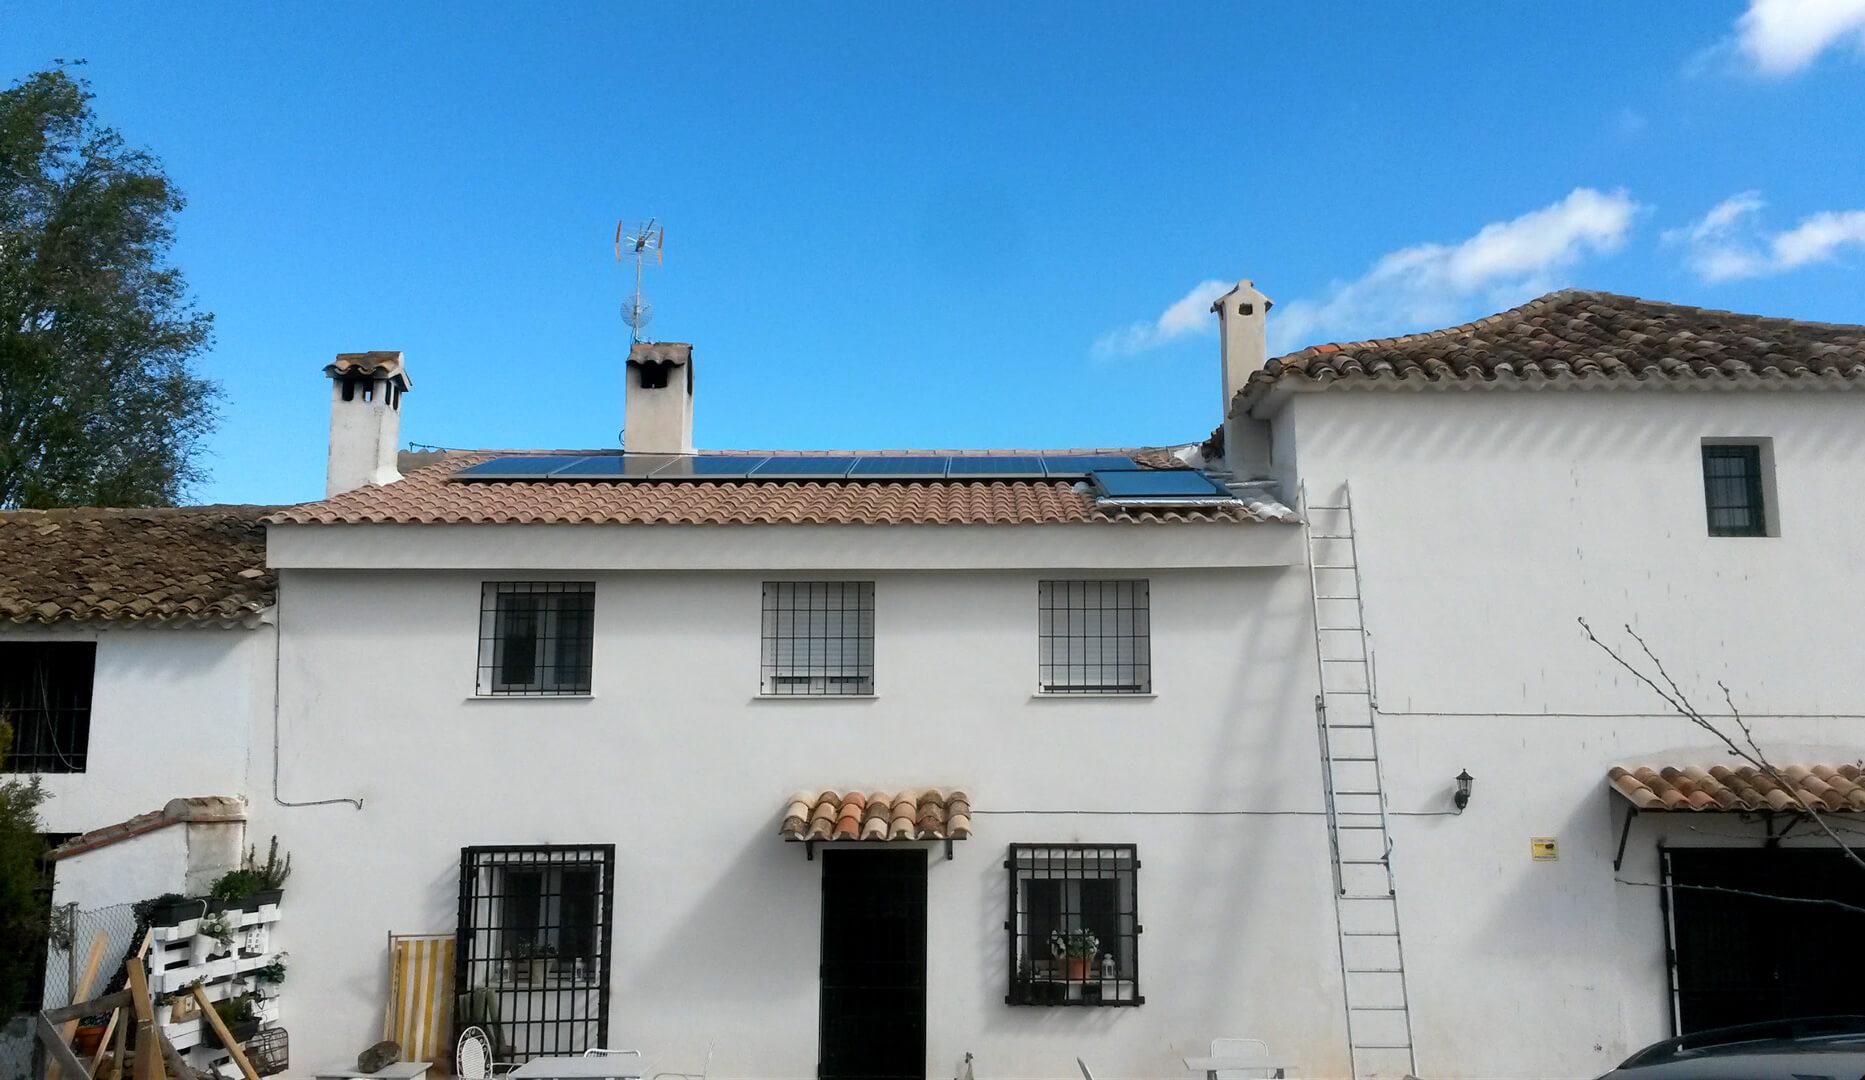 solaire photovoltaique residentiel - solaire-photovoltaique-residentiel -